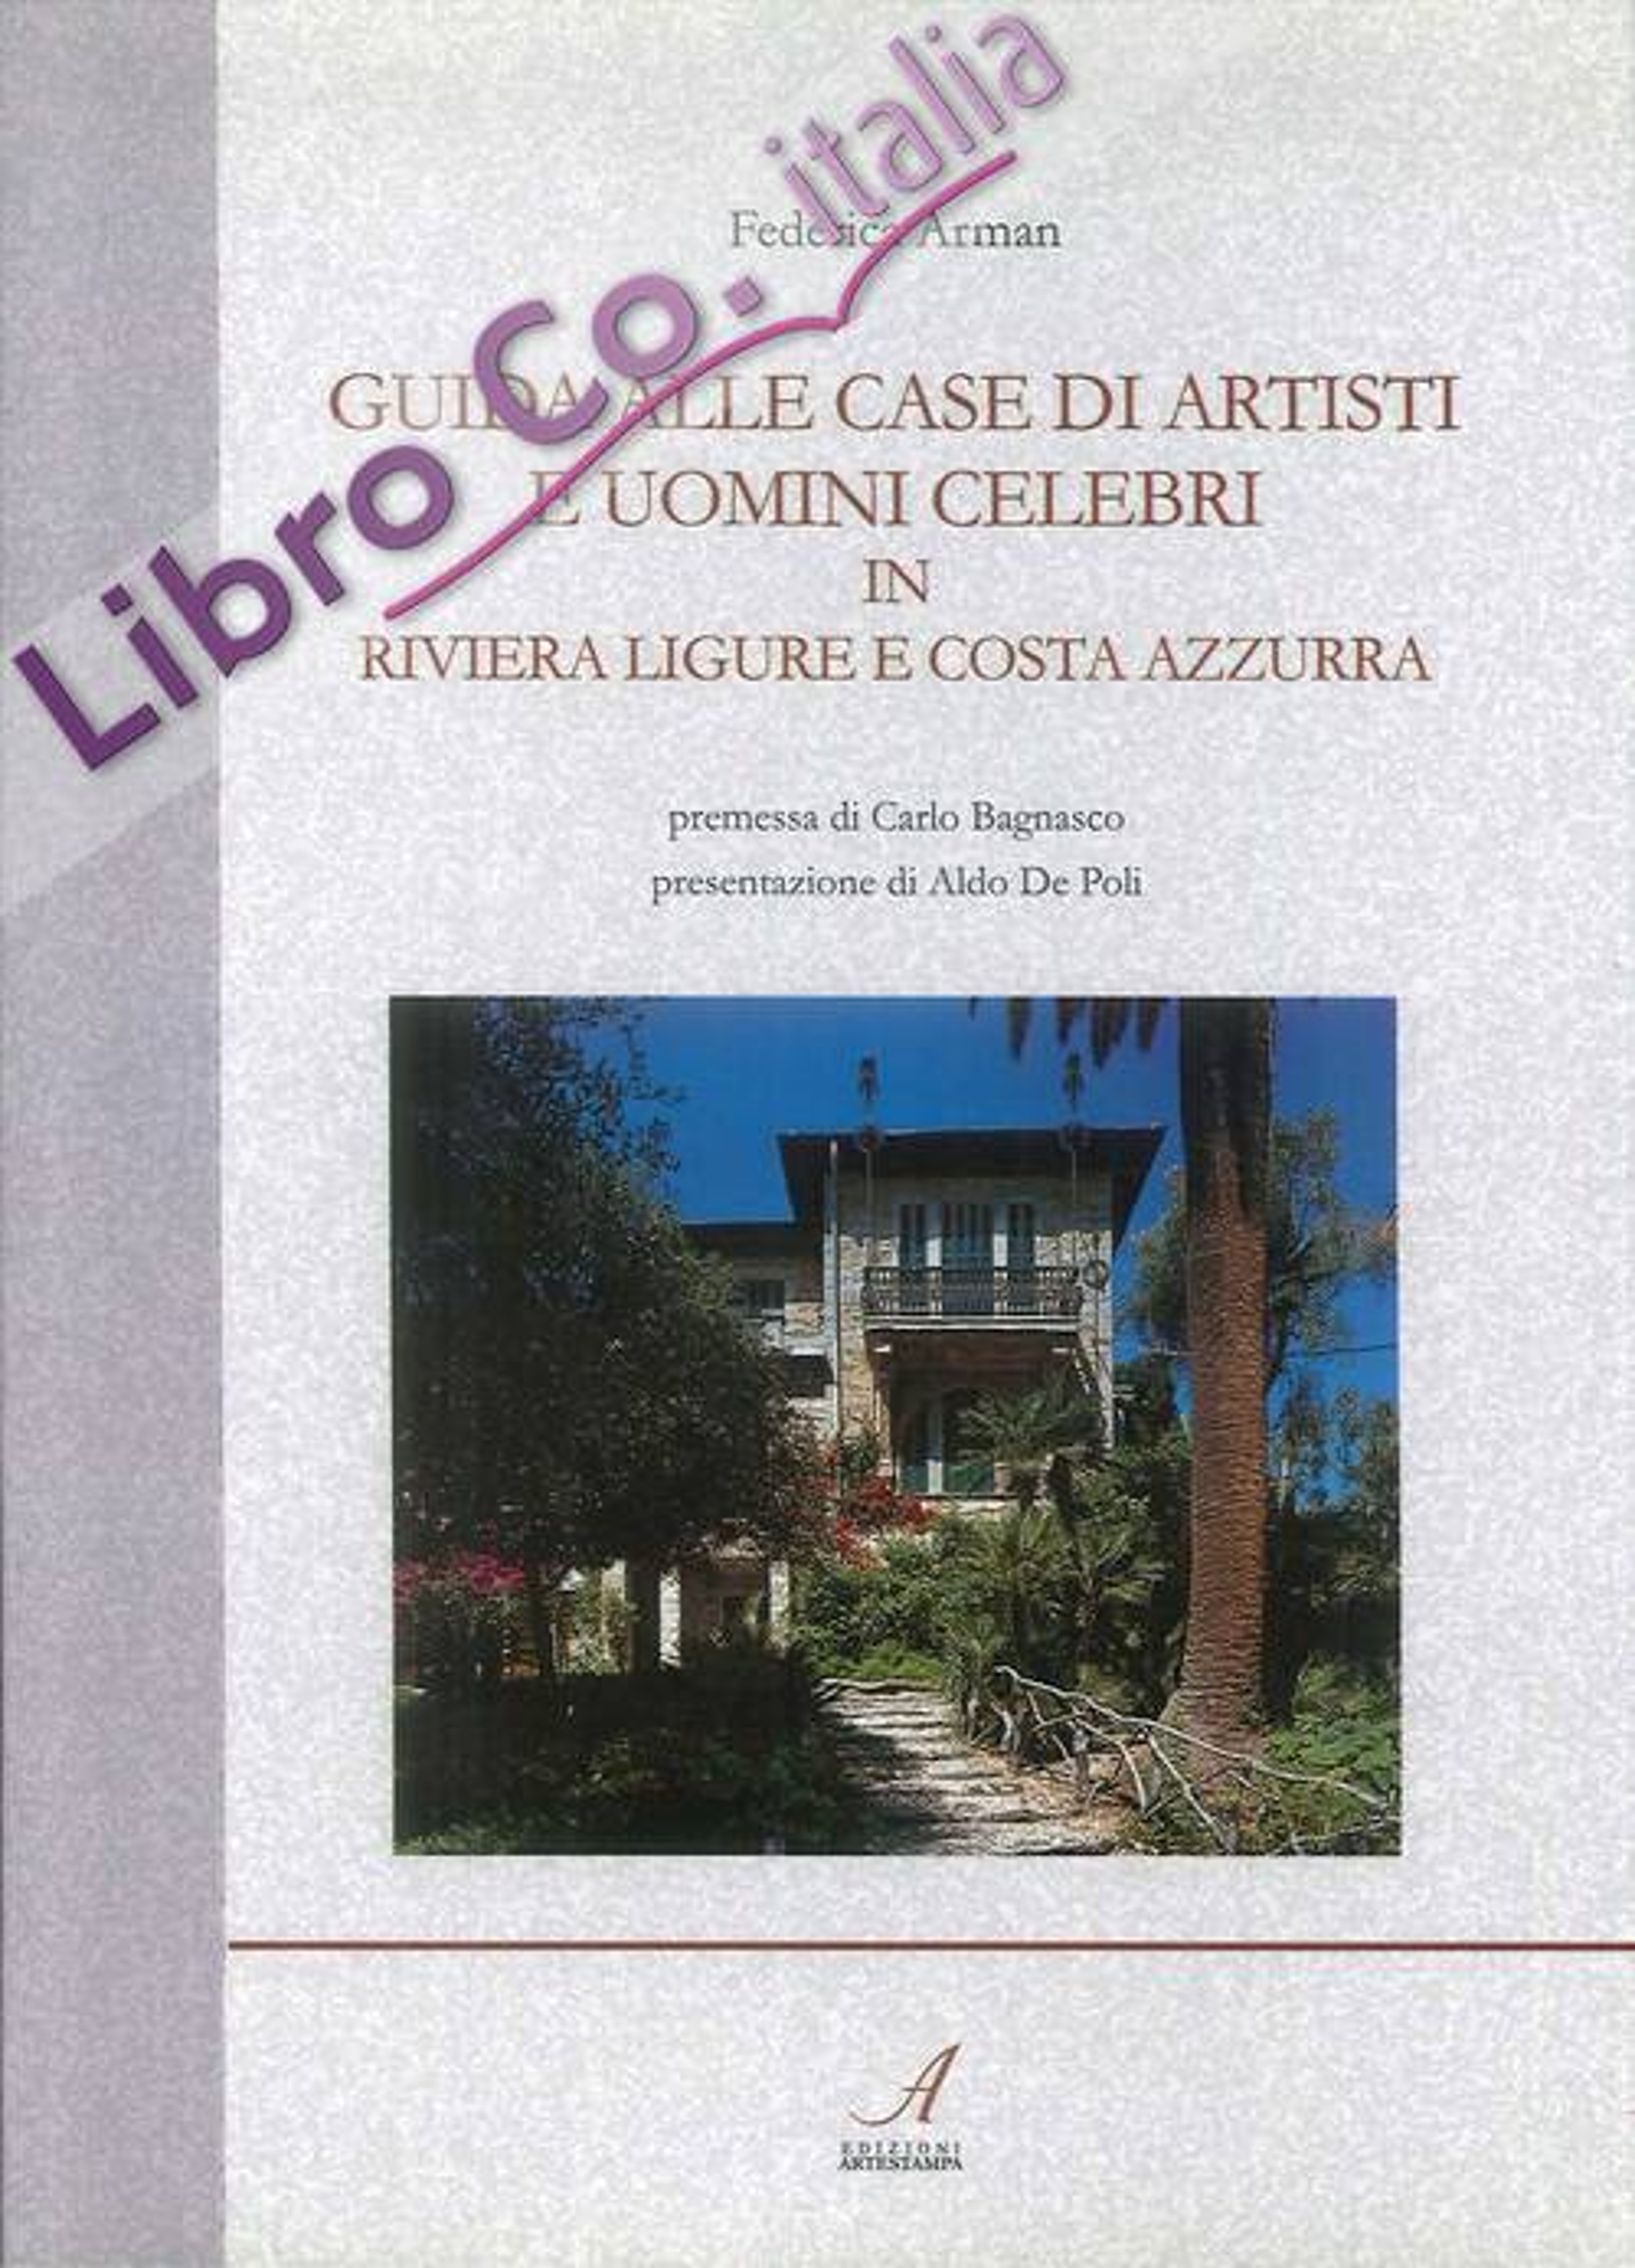 Guida alle case di artisti e uomini celebri in riviera ligure e Costa Azzurra